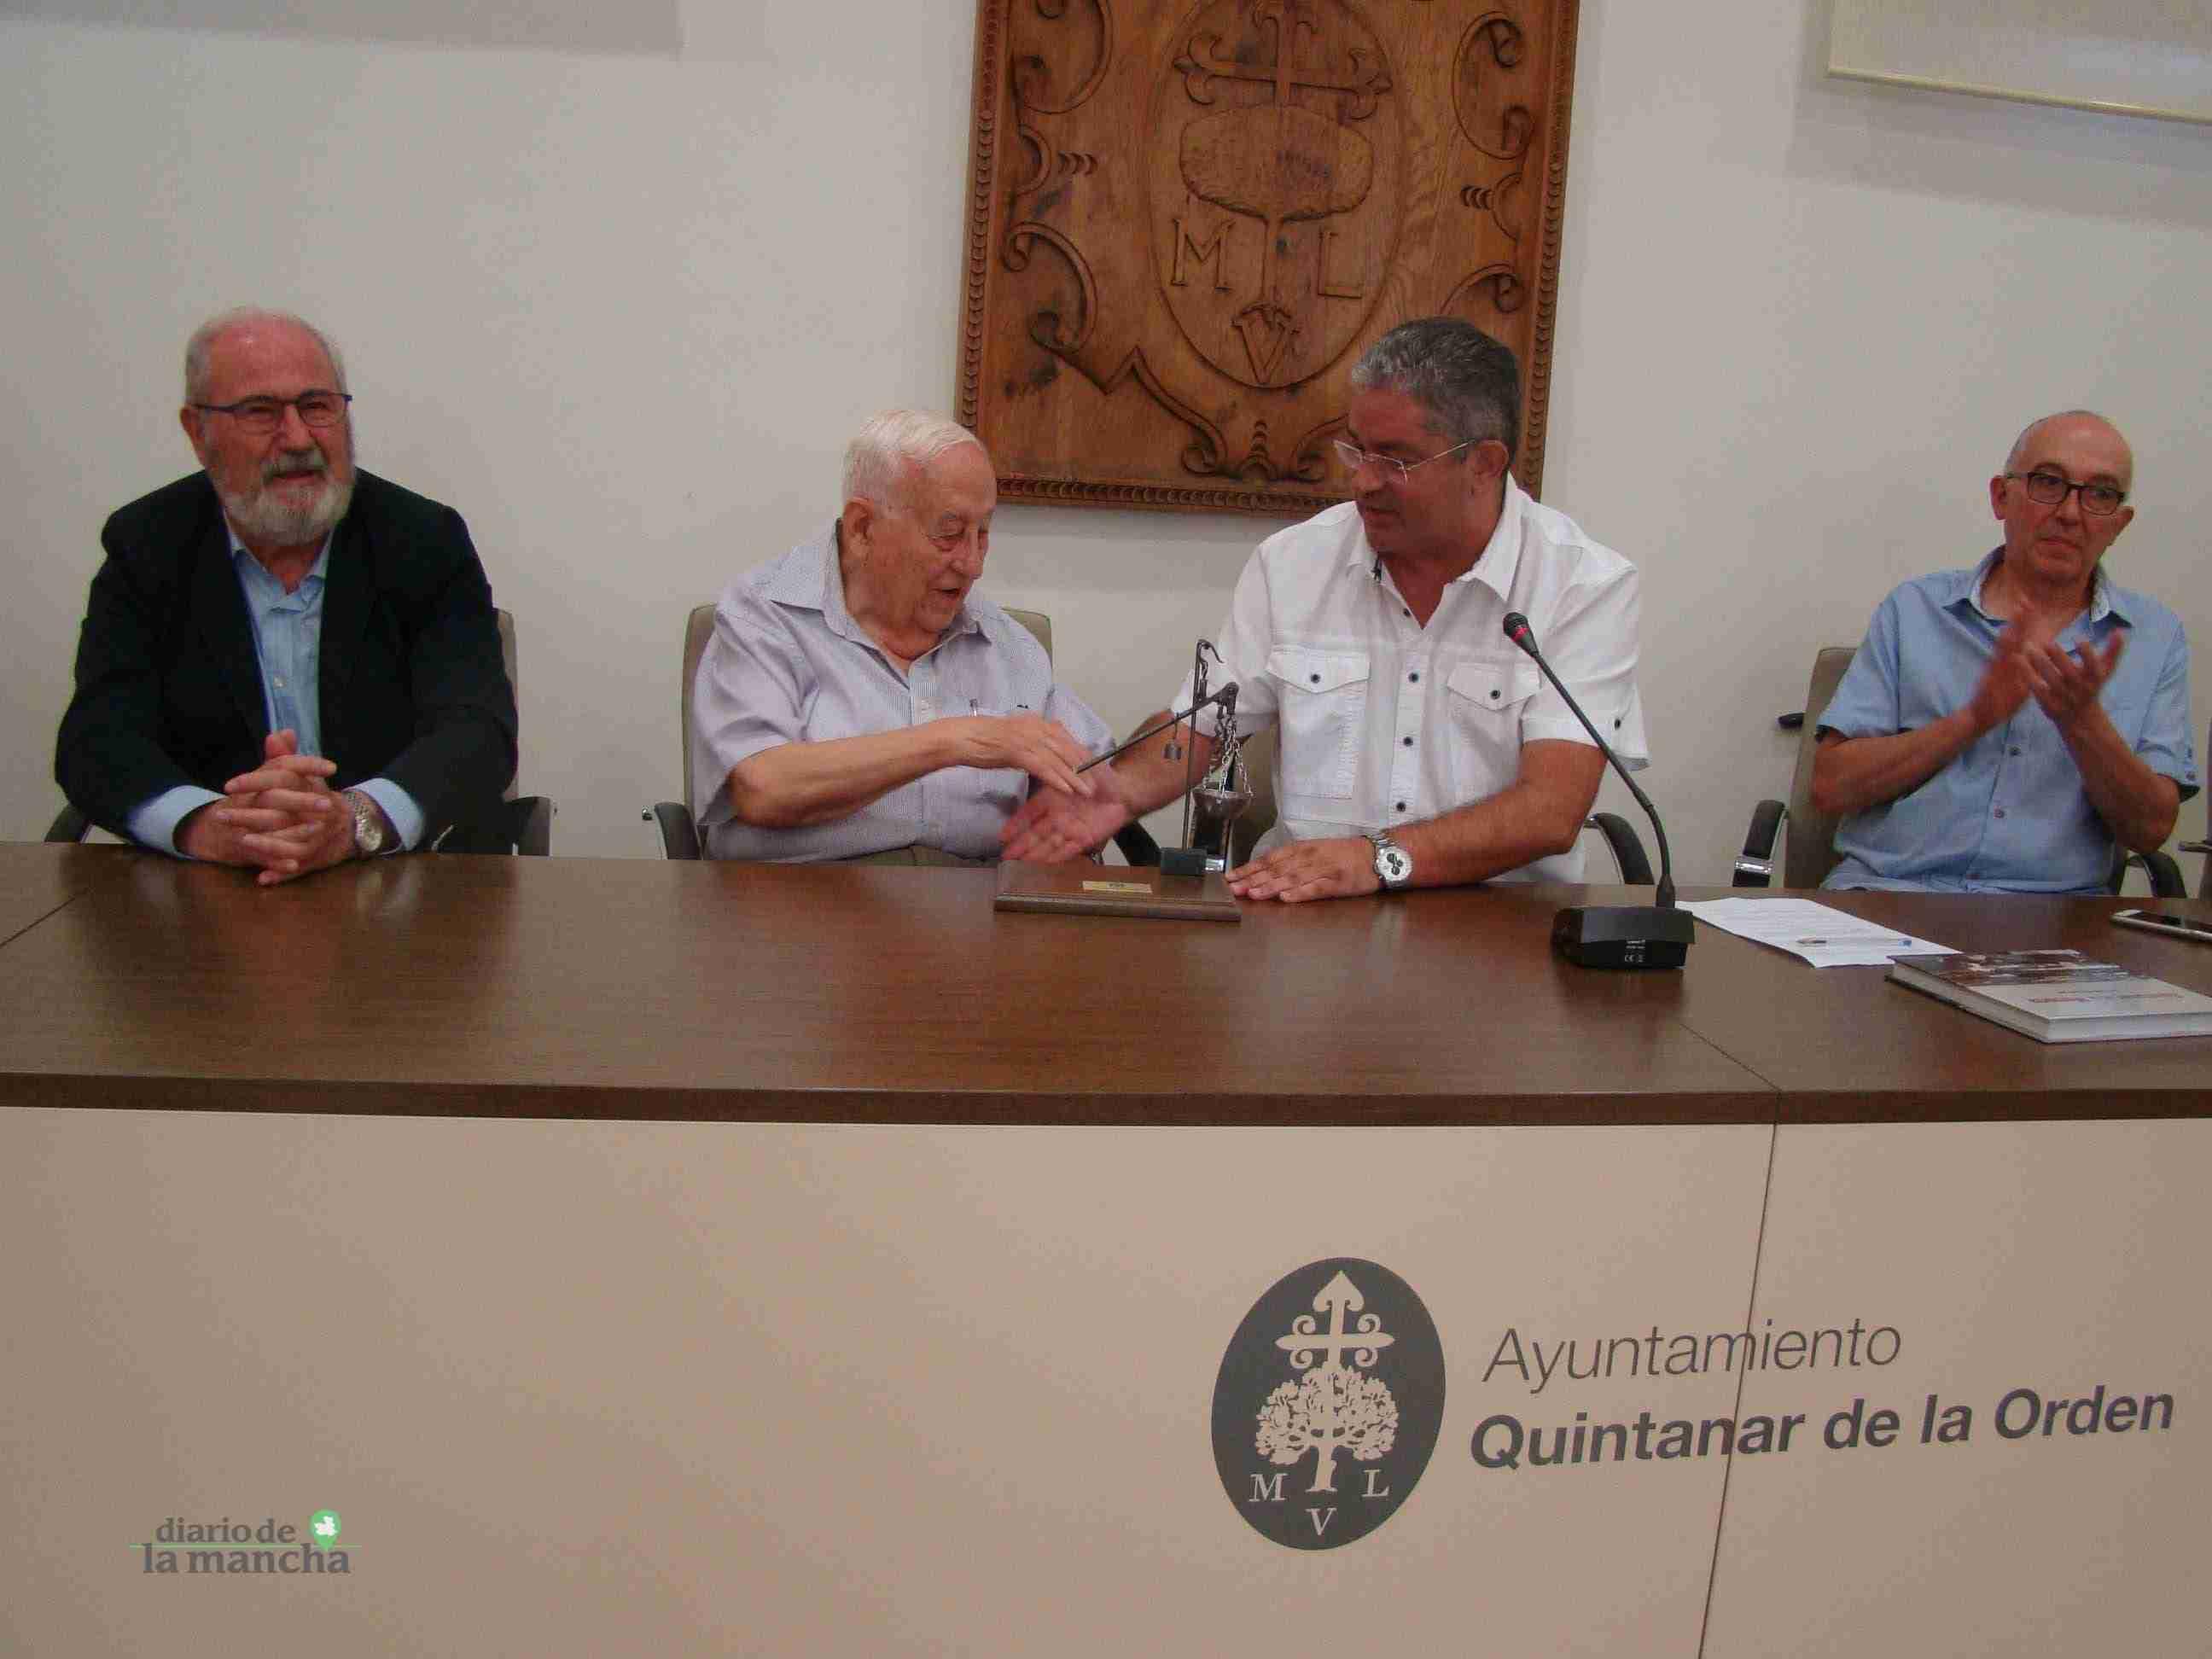 """El quintanareño José Fernández Rodríguez presenta su libro """"Quintanar en la Memoria"""" 15"""